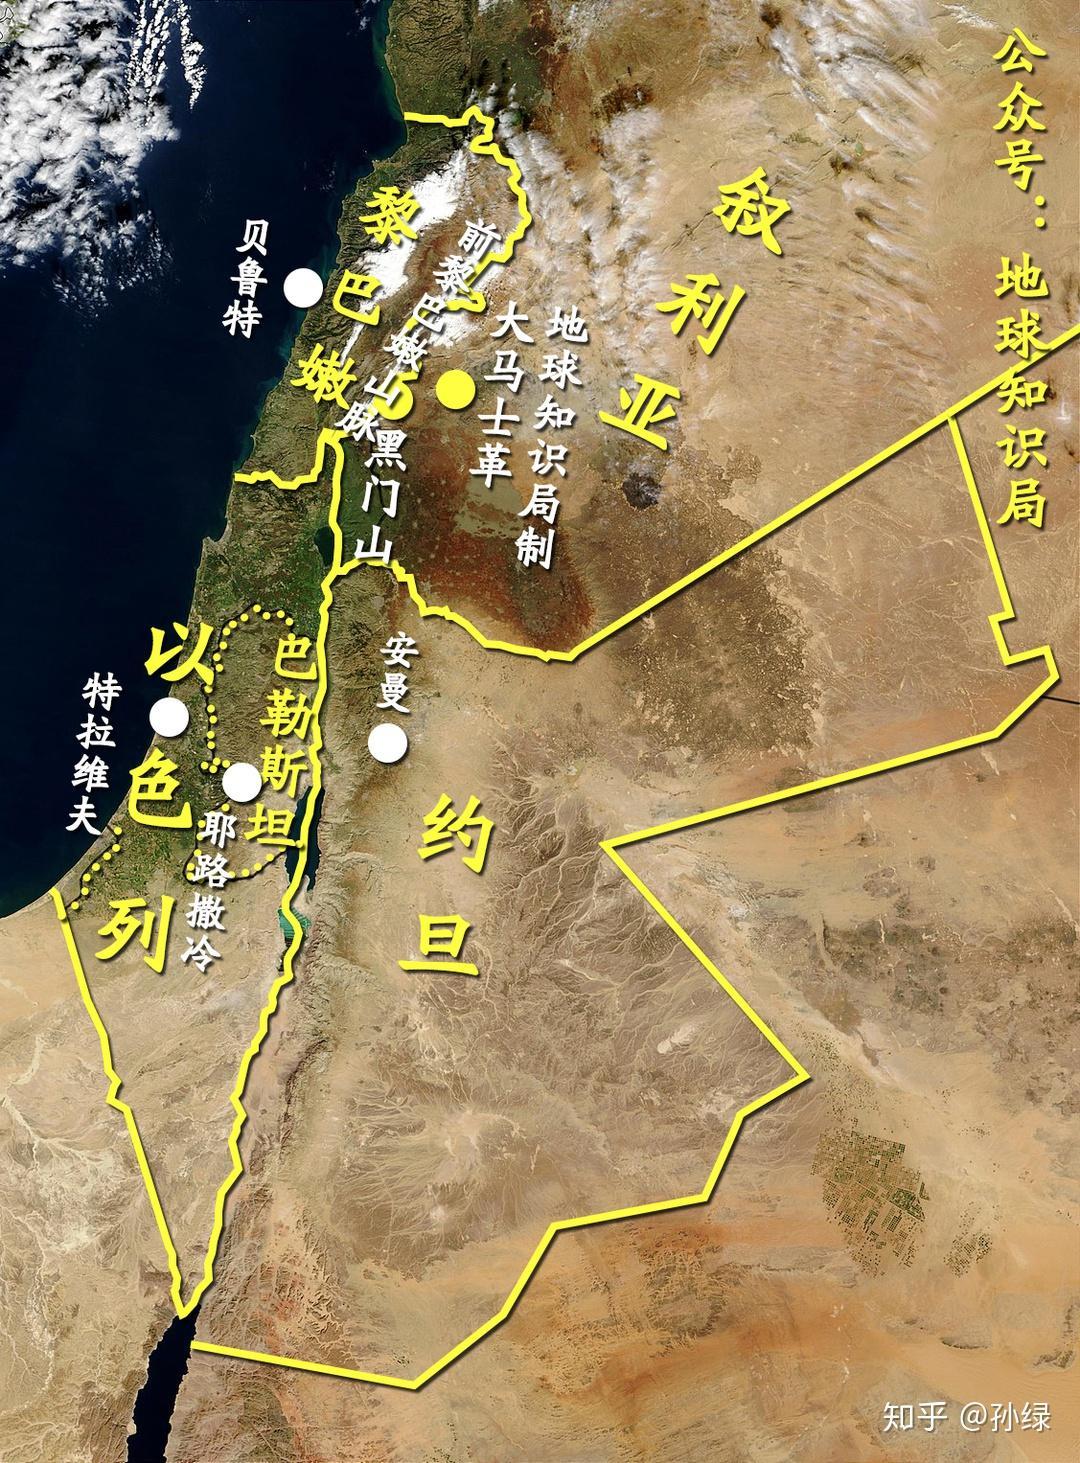 黎巴嫩在哪里_大马士革是哪里,有什么历史? - 知乎